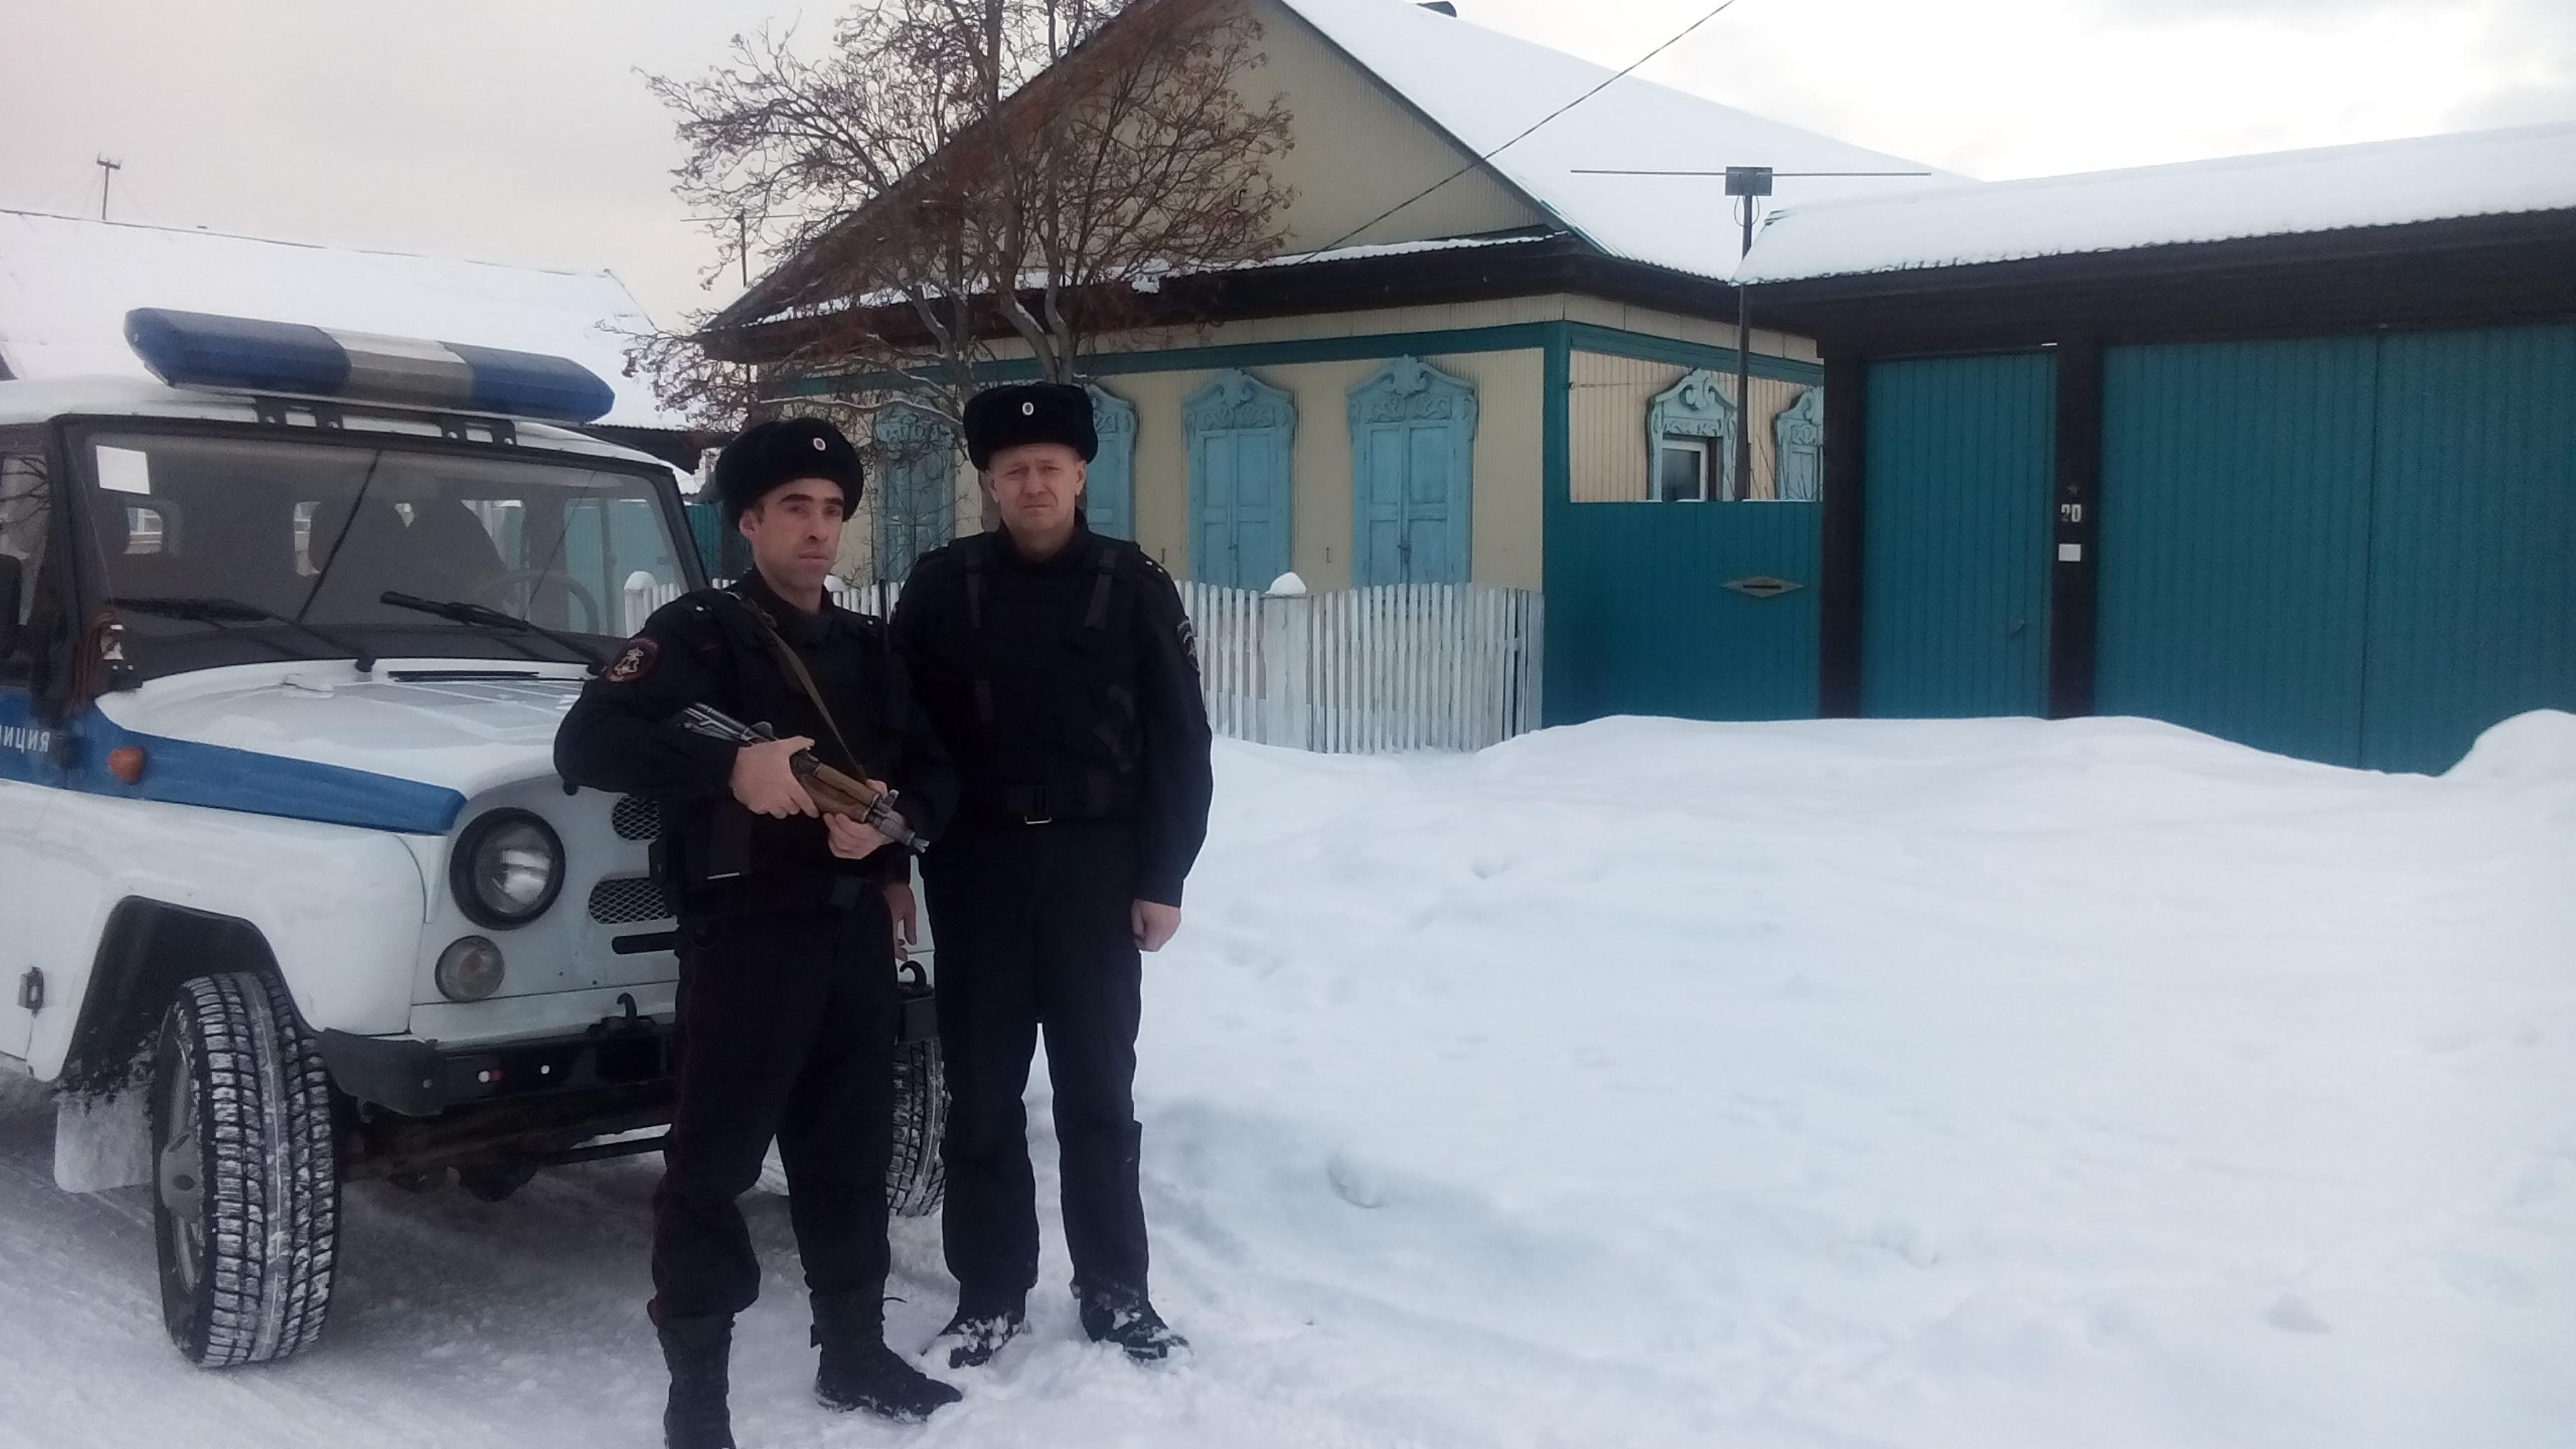 Ушел домой: ВБурятии неудавшегося вора задержали последам наснегу